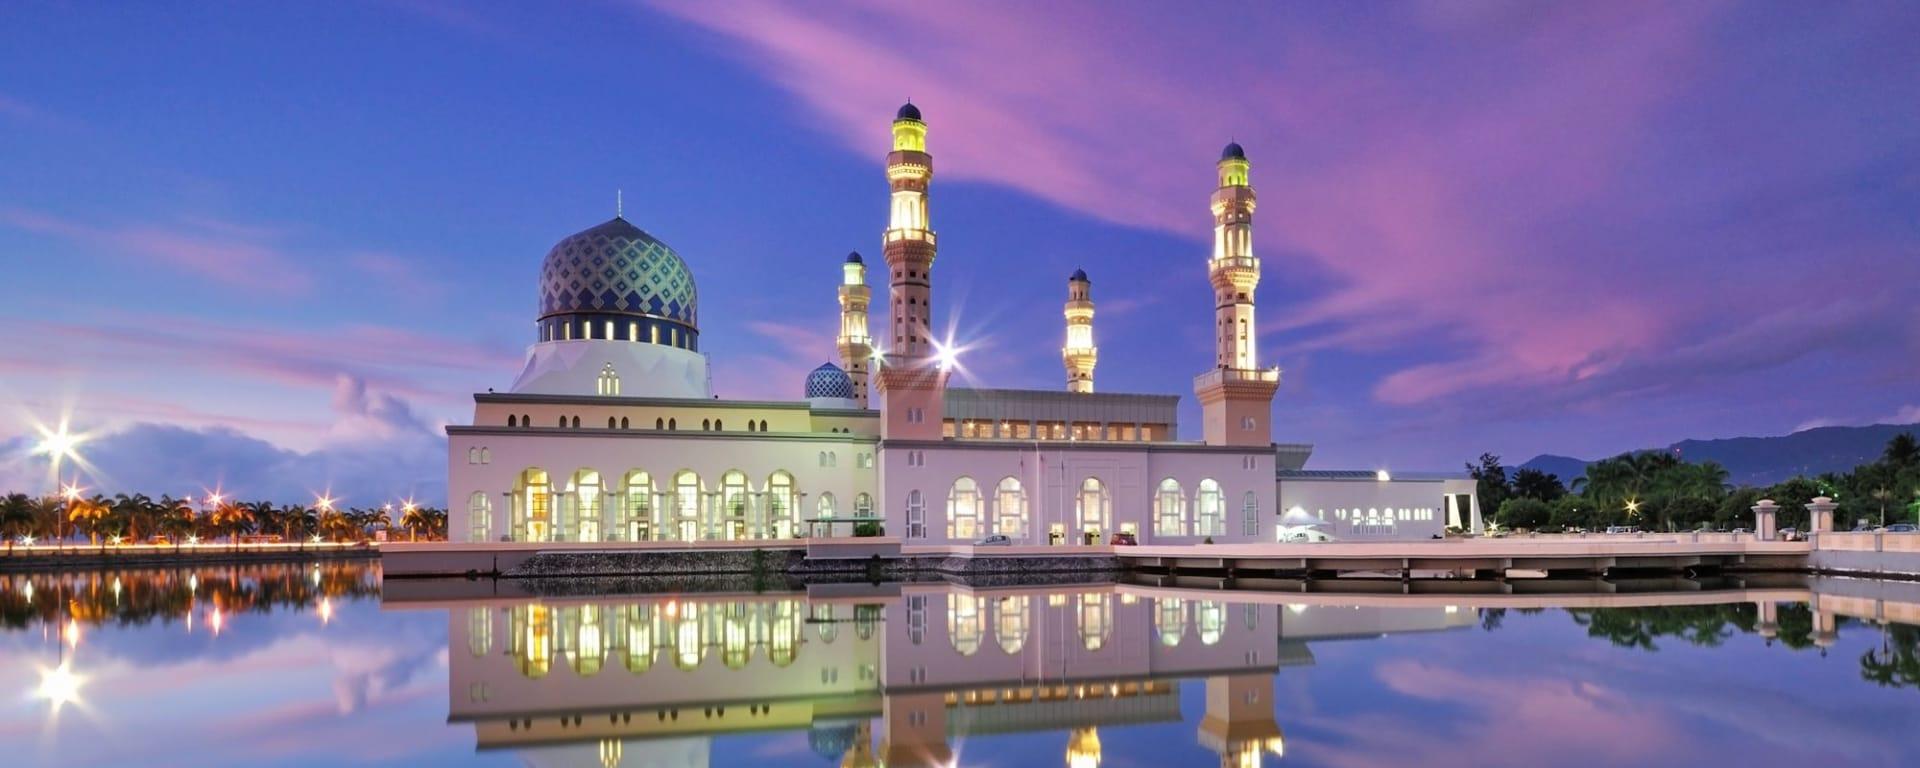 Tour de ville de Kota Kinabalu: Kota Kinabalu City Floating Mosque